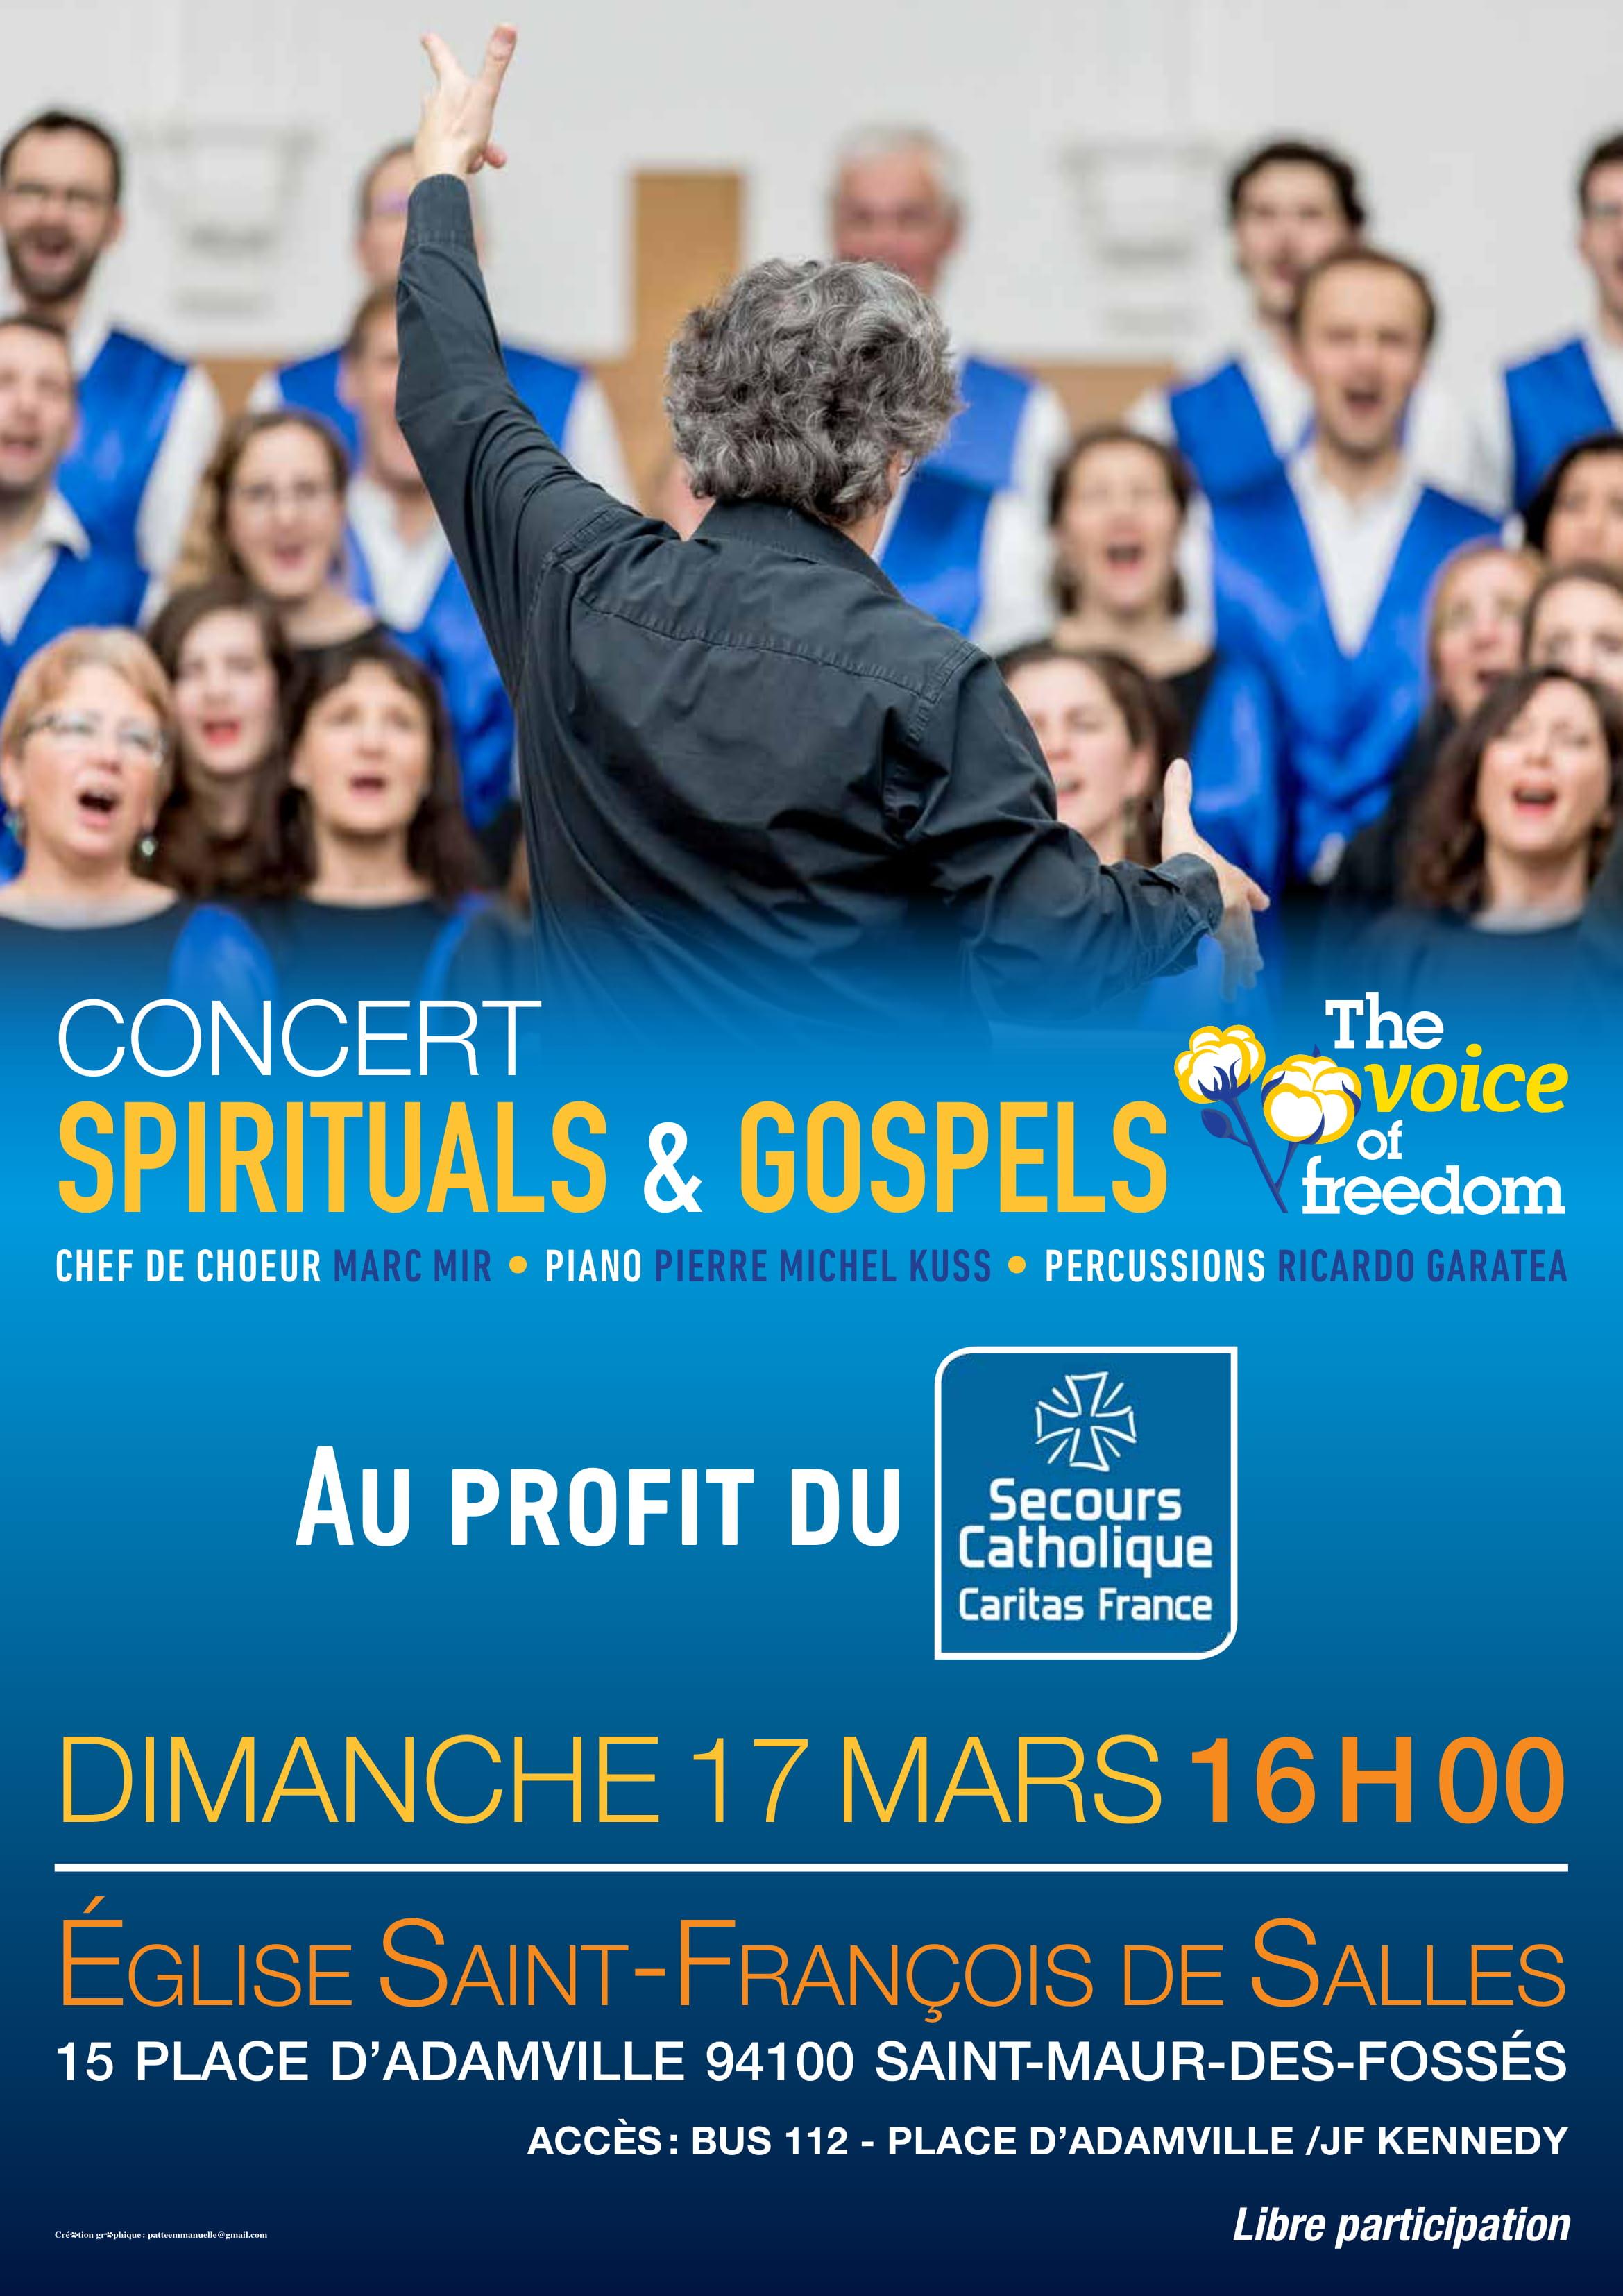 The Voice of Freedom chante pour le Secours Catholique